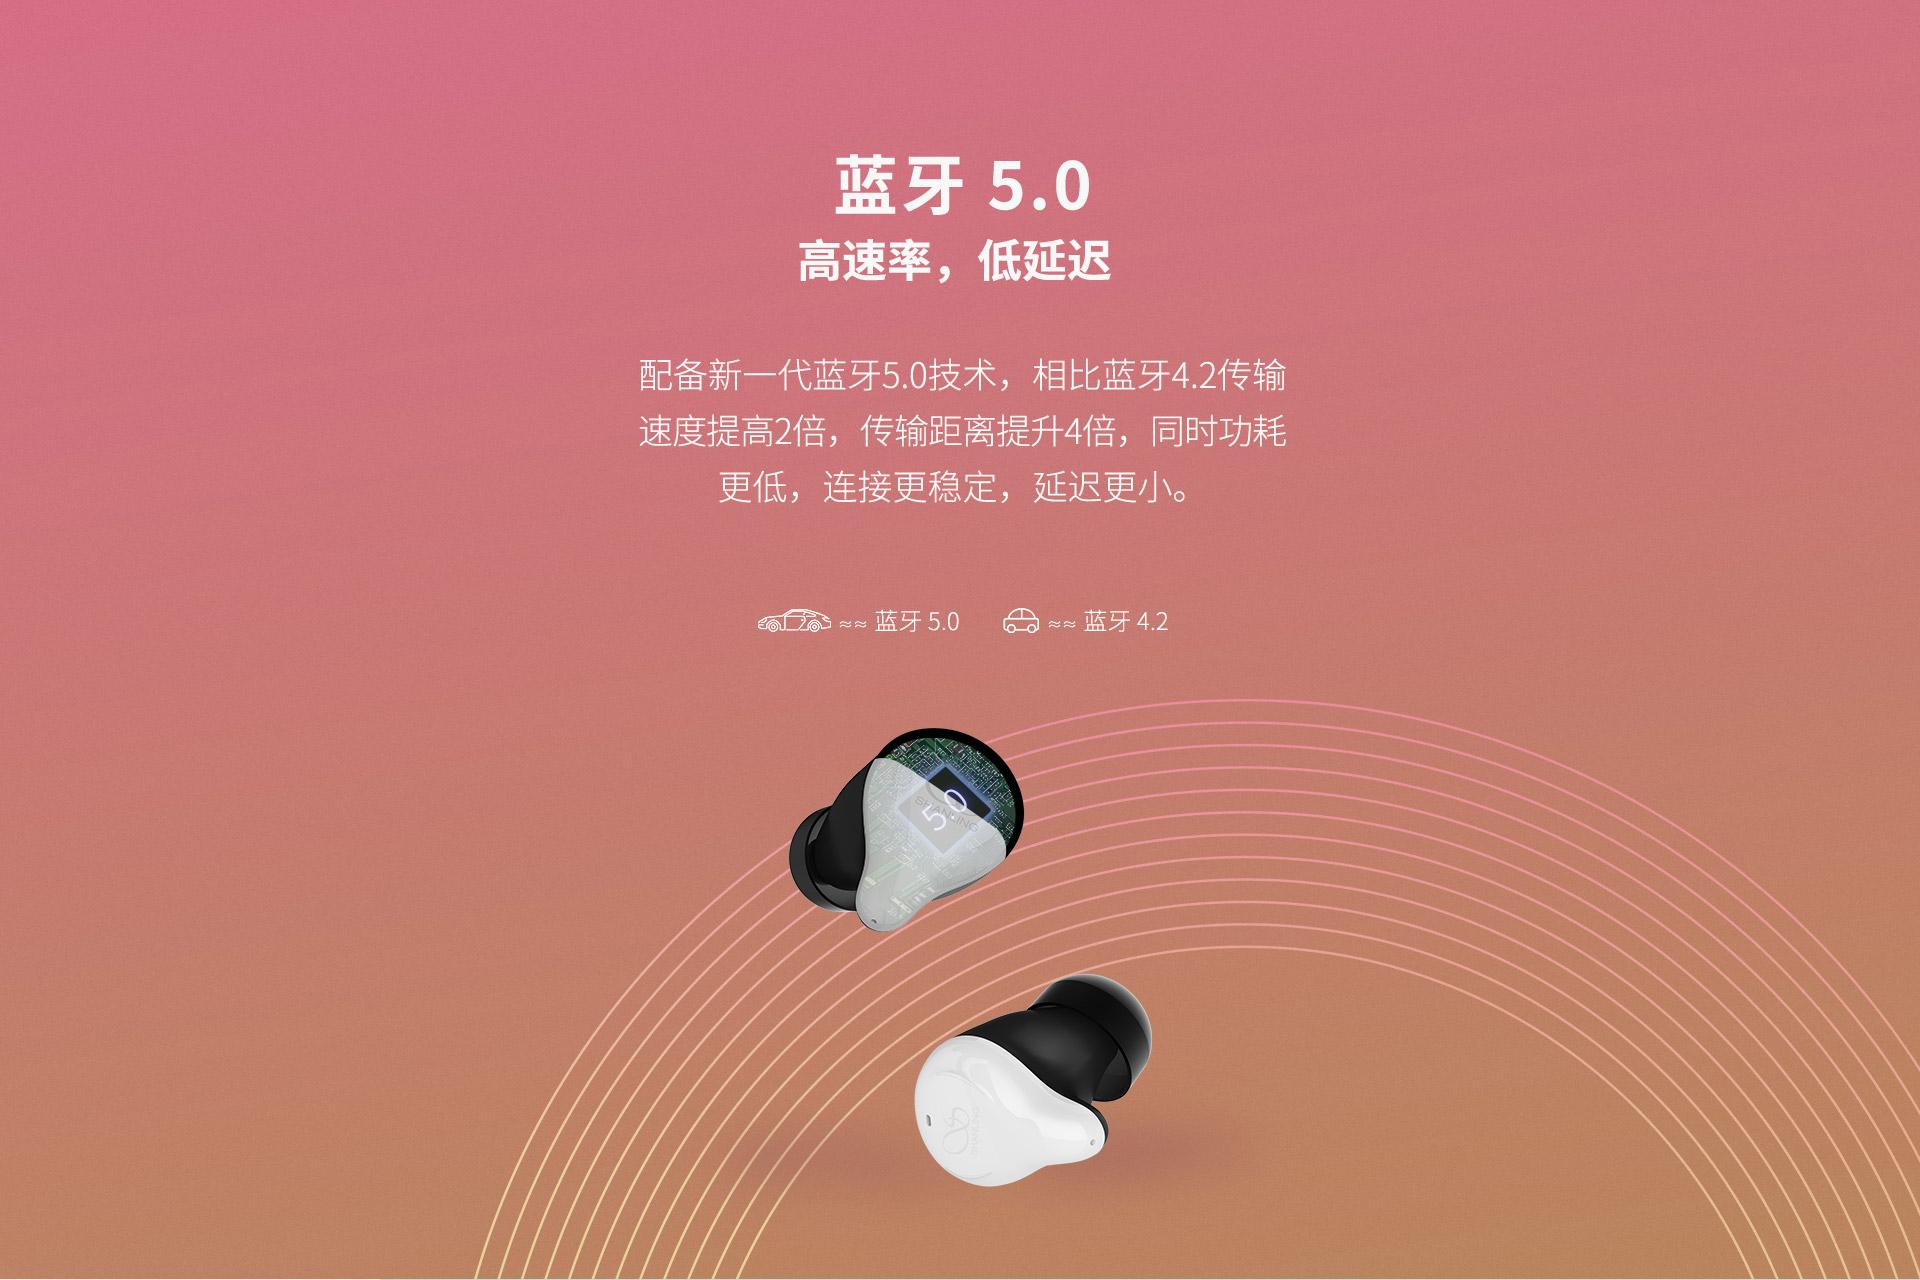 中文官网_03.jpg